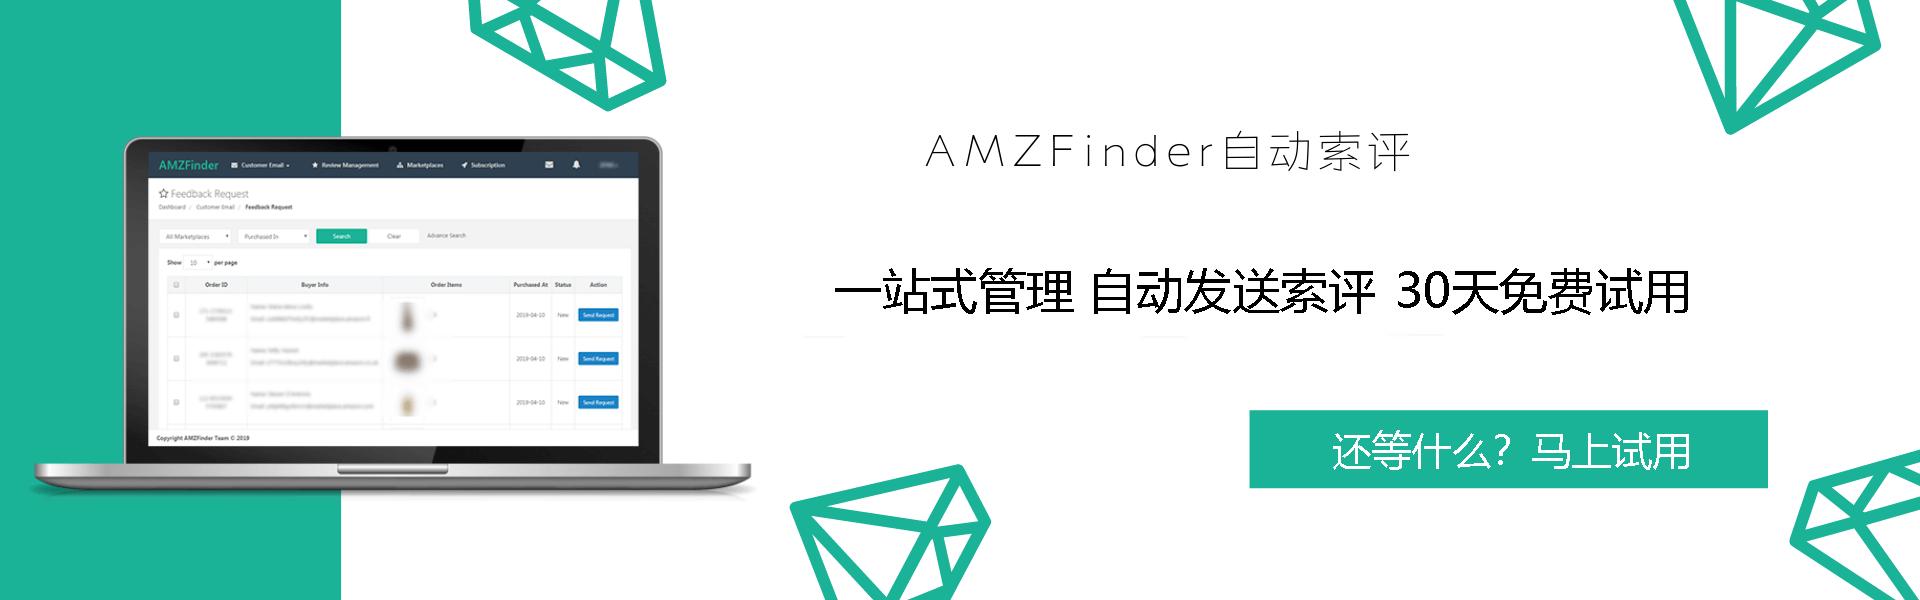 最好的亚马逊索评软件-AMZFinder